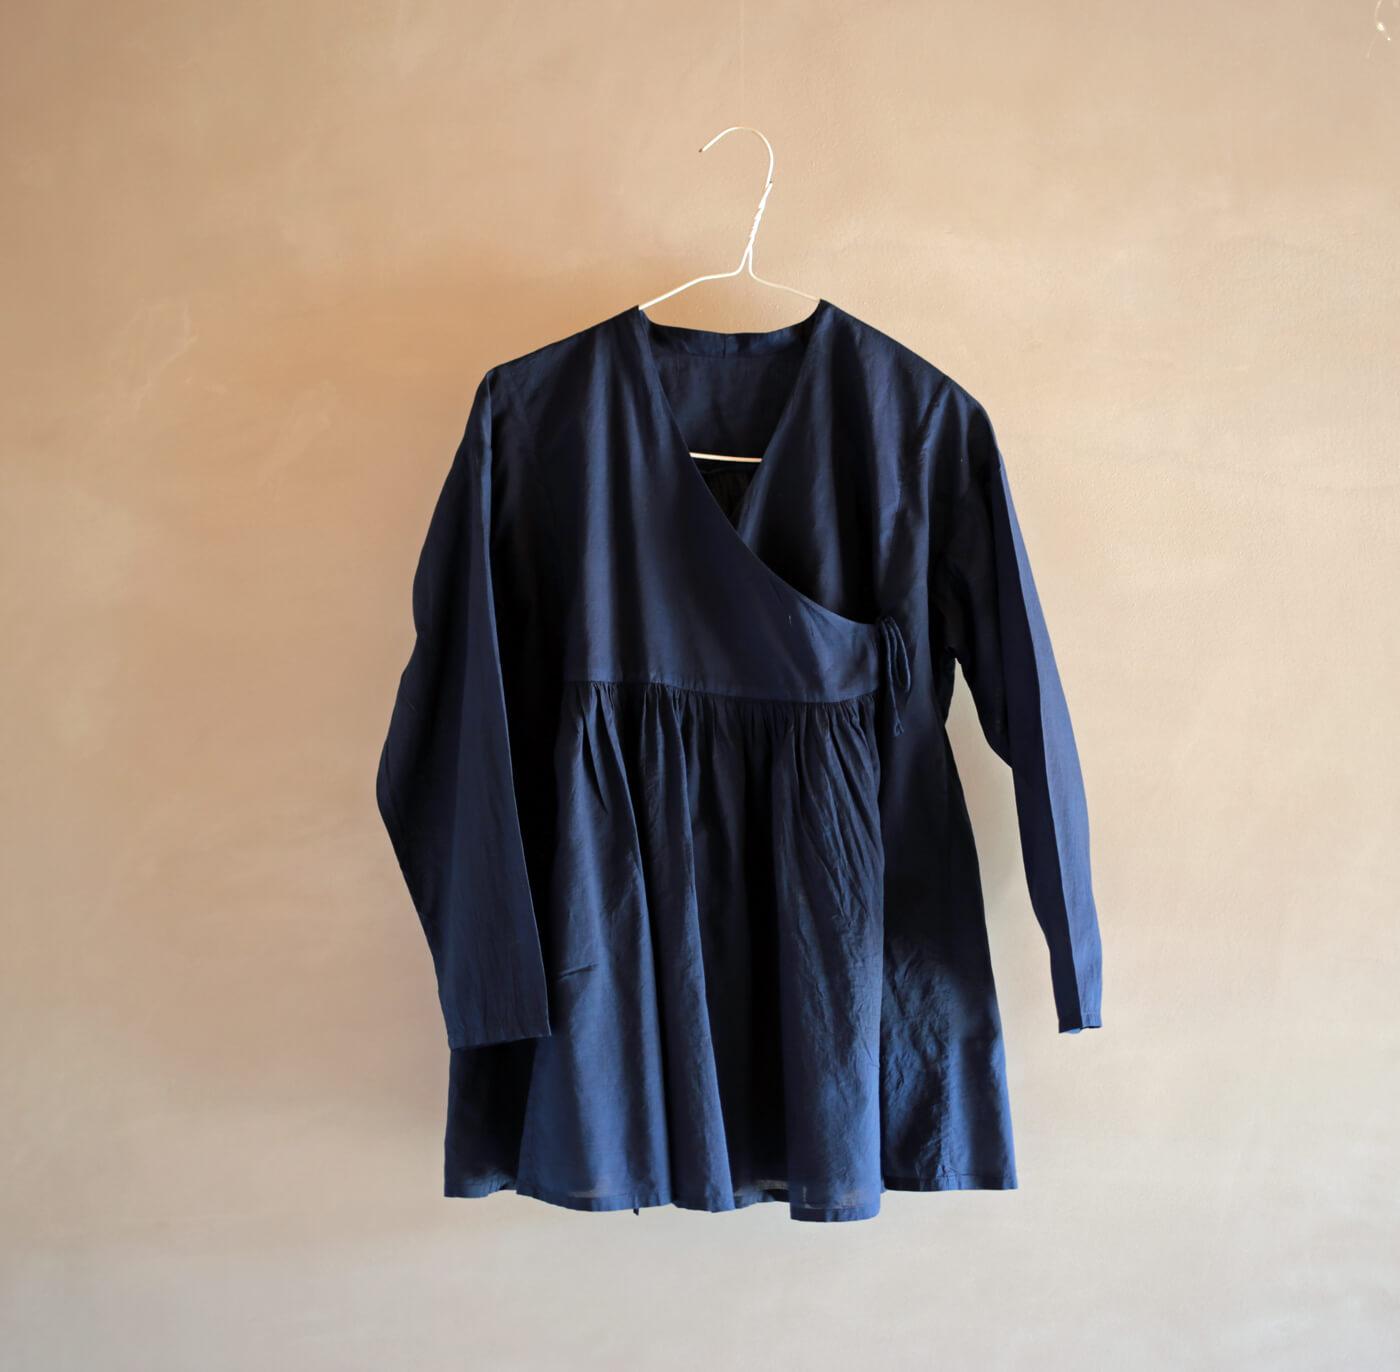 藍染めカシュクールシャツのアイキャッチ画像